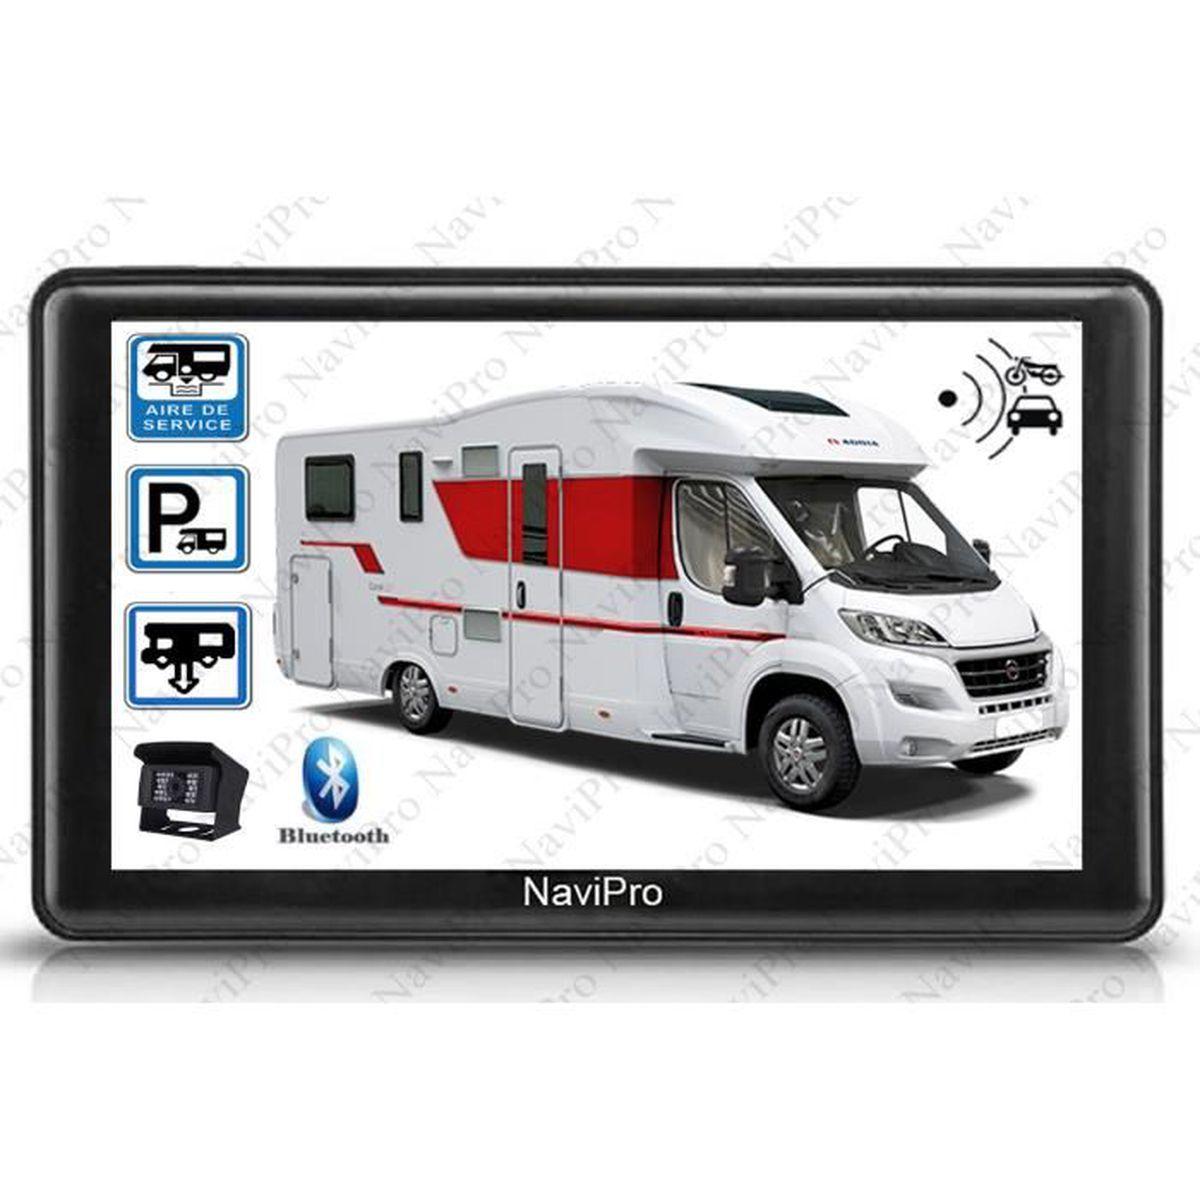 Gps camping car avec camera de recul sans fil - Achat   Vente pas cher c861bd21ac09